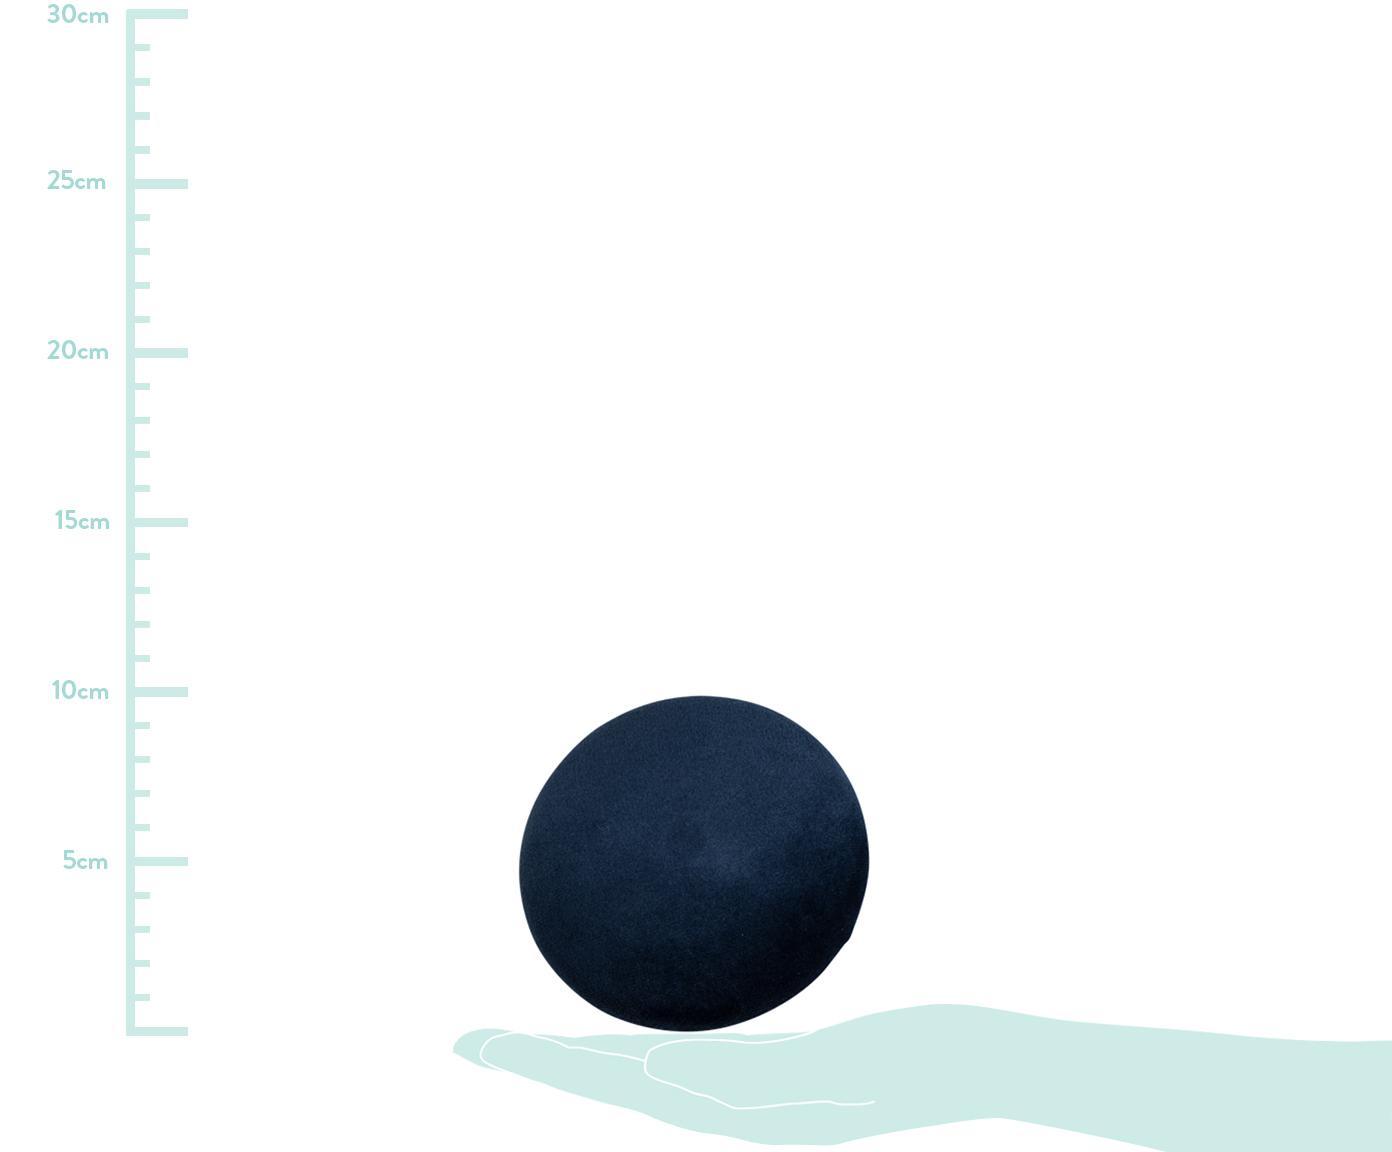 Samt-Haken-Set Giza, 3-tlg., Front: Samt, Dunkelblau, Messingfarben, Sondergrößen